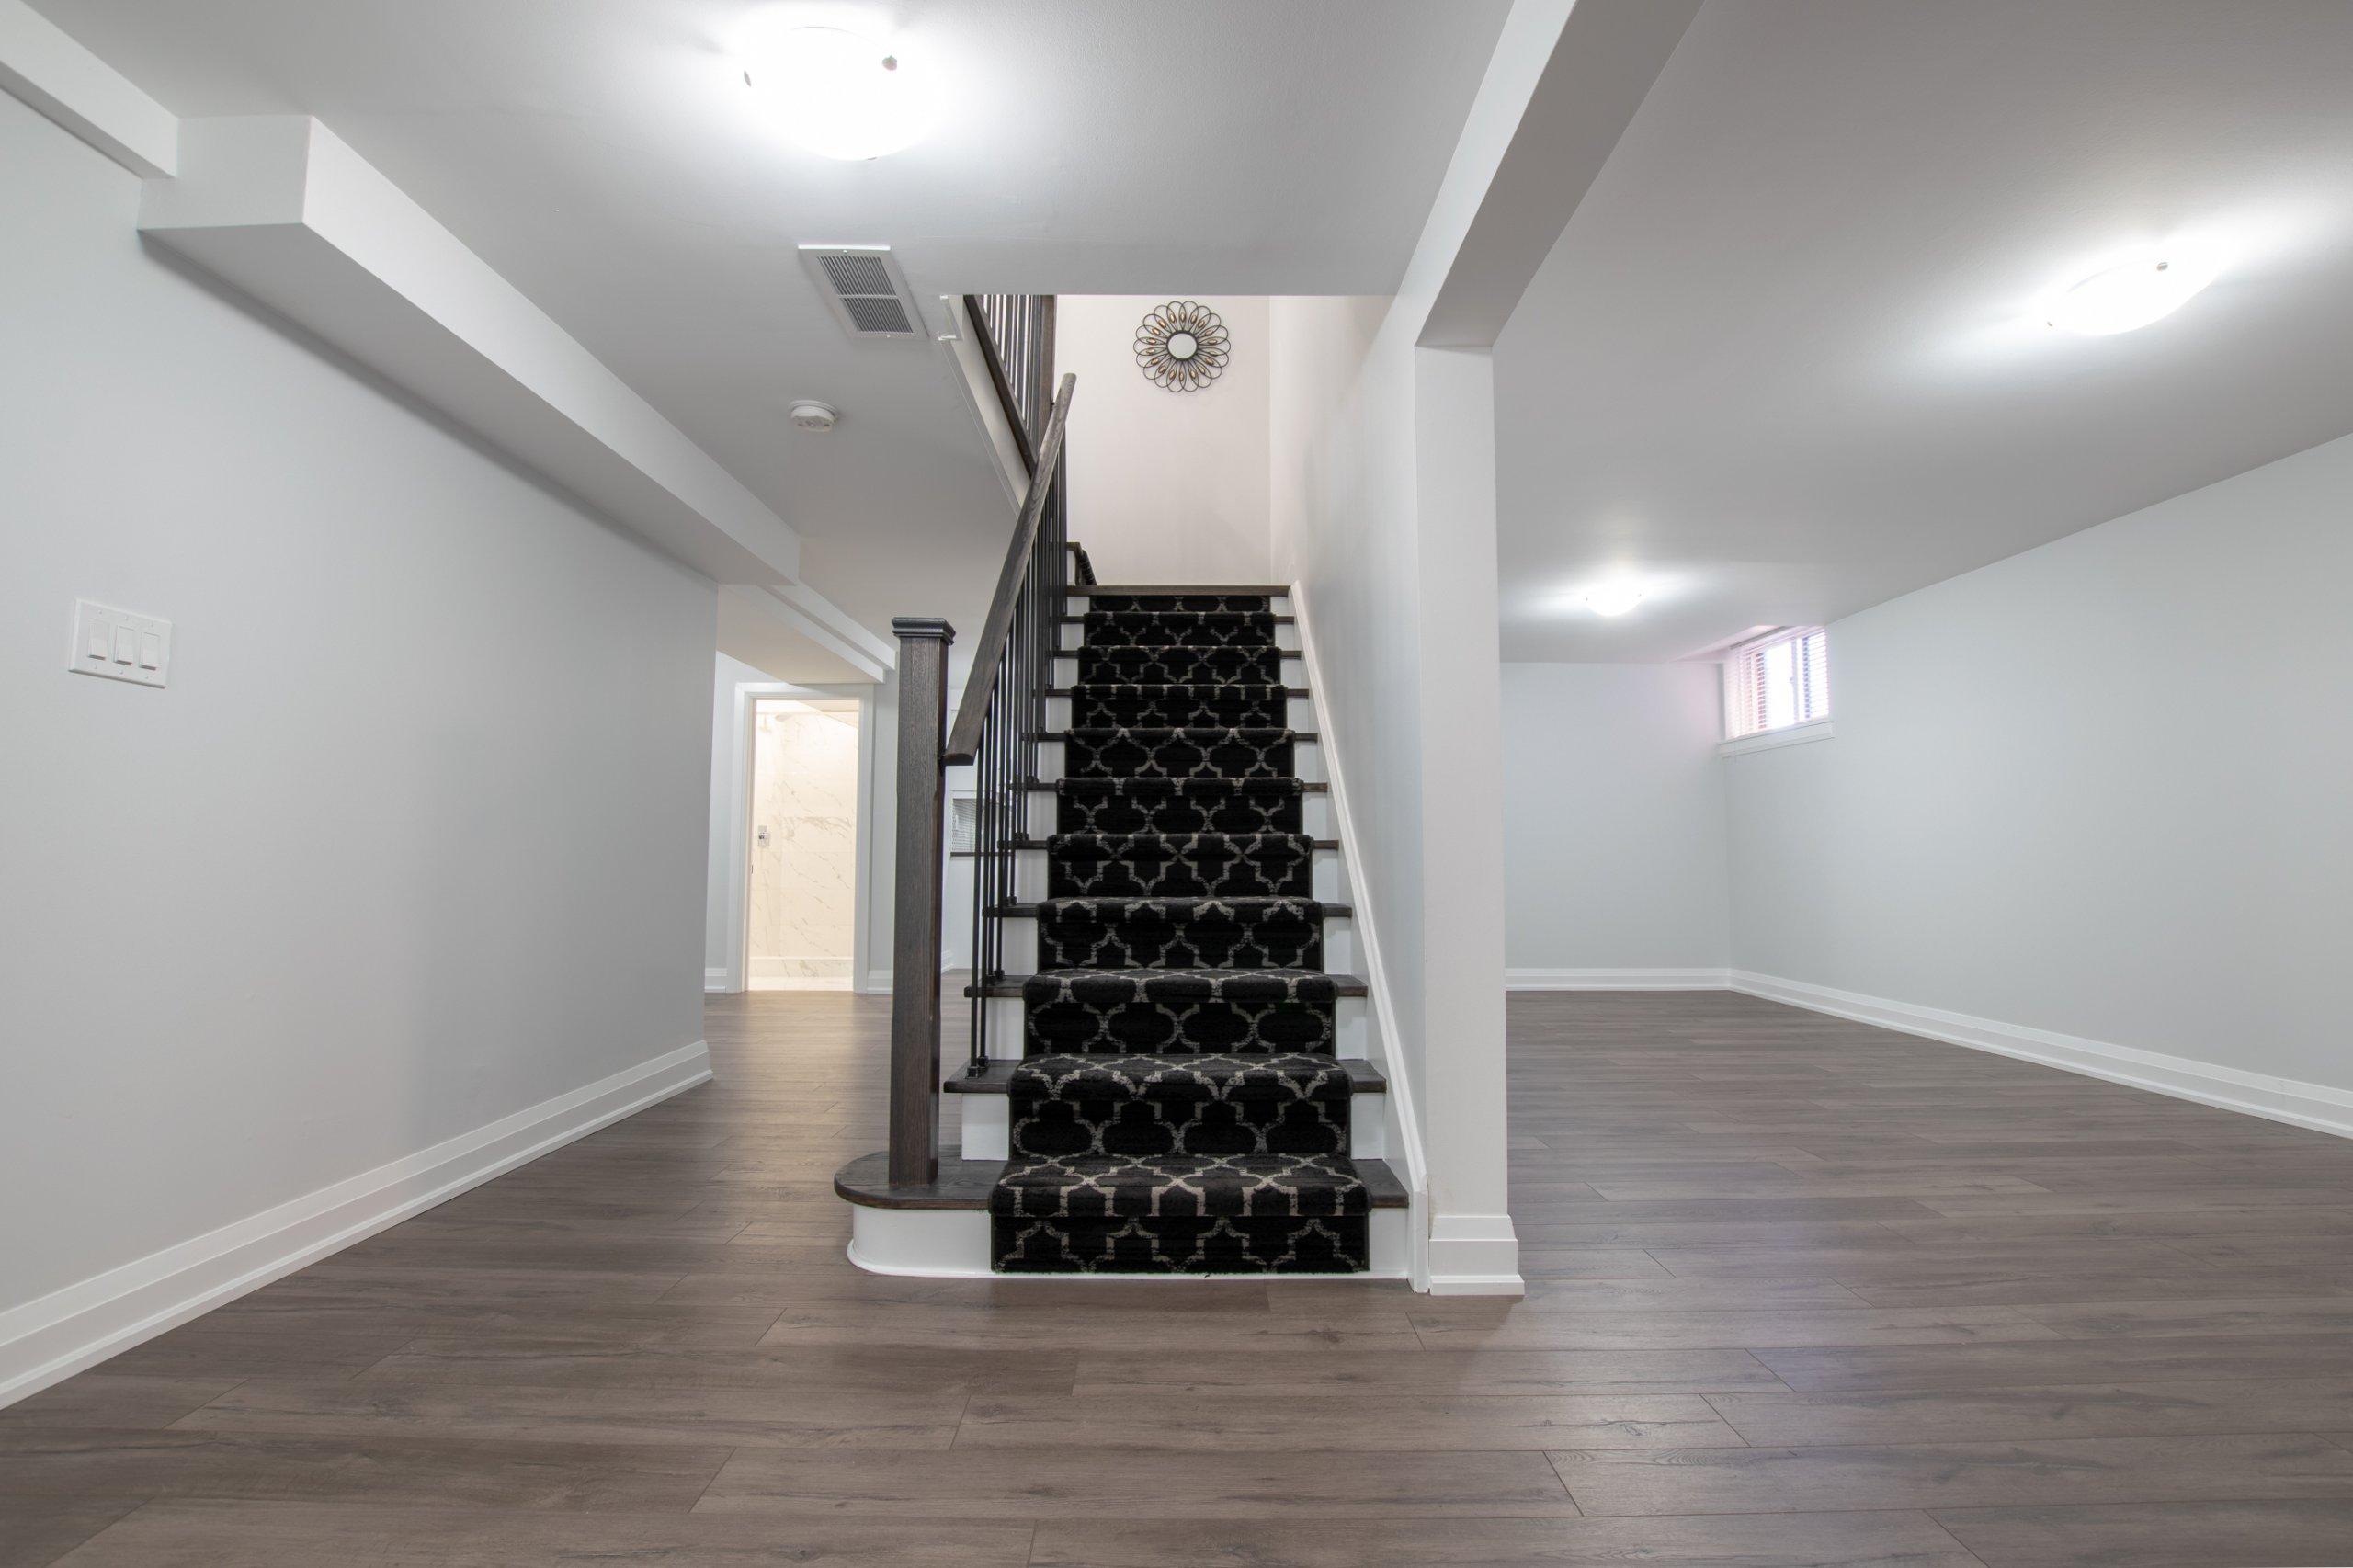 Simple-stair-runner-floor-design